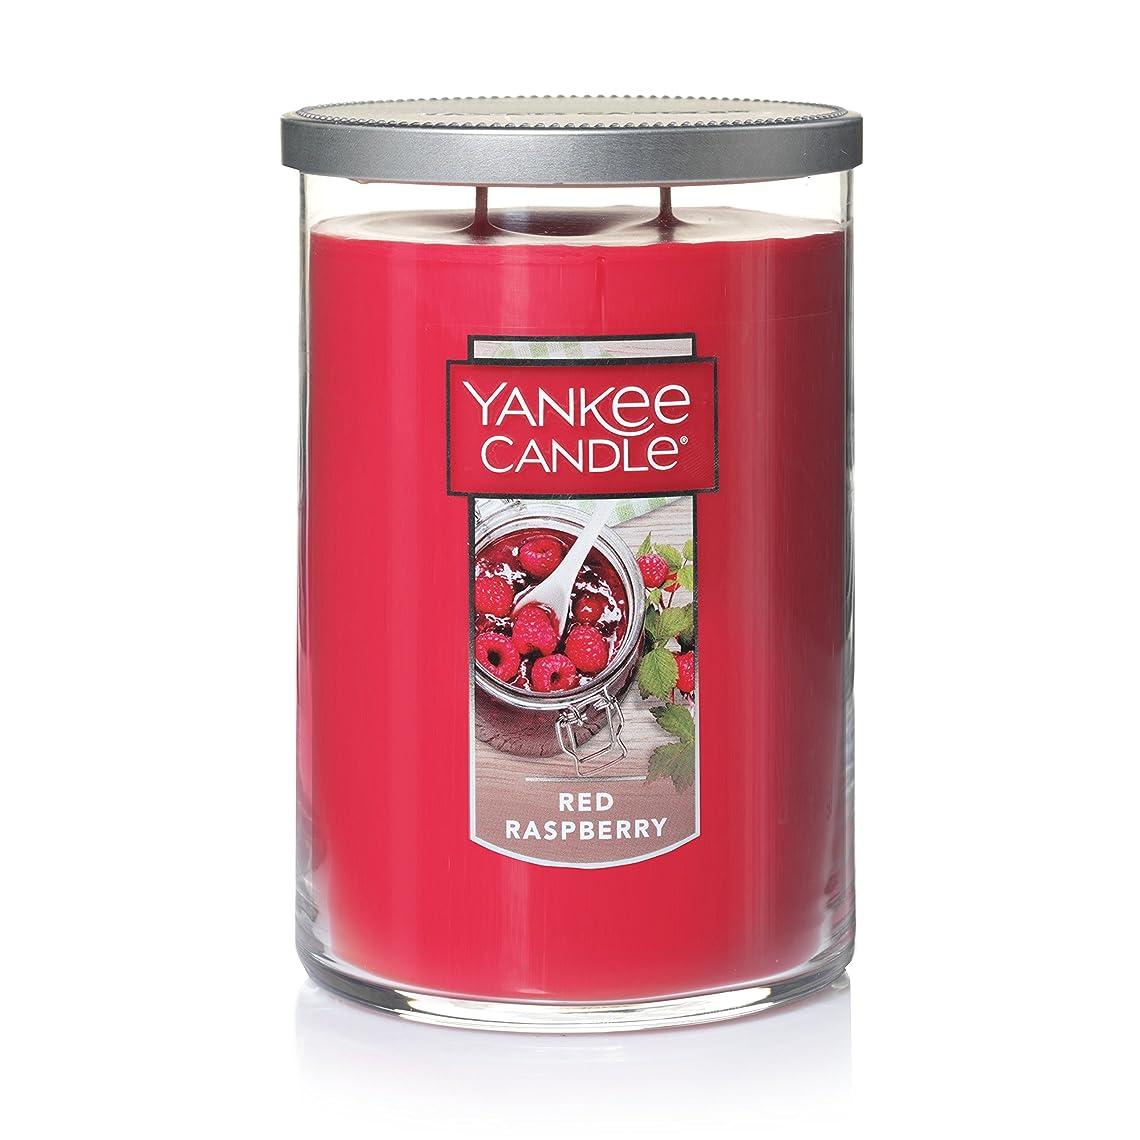 ゆり補助金途方もないYankee Candleレッドラズベリーティーライトキャンドル、フルーツ香り Large 2-Wick Tumbler Candle レッド 1323195